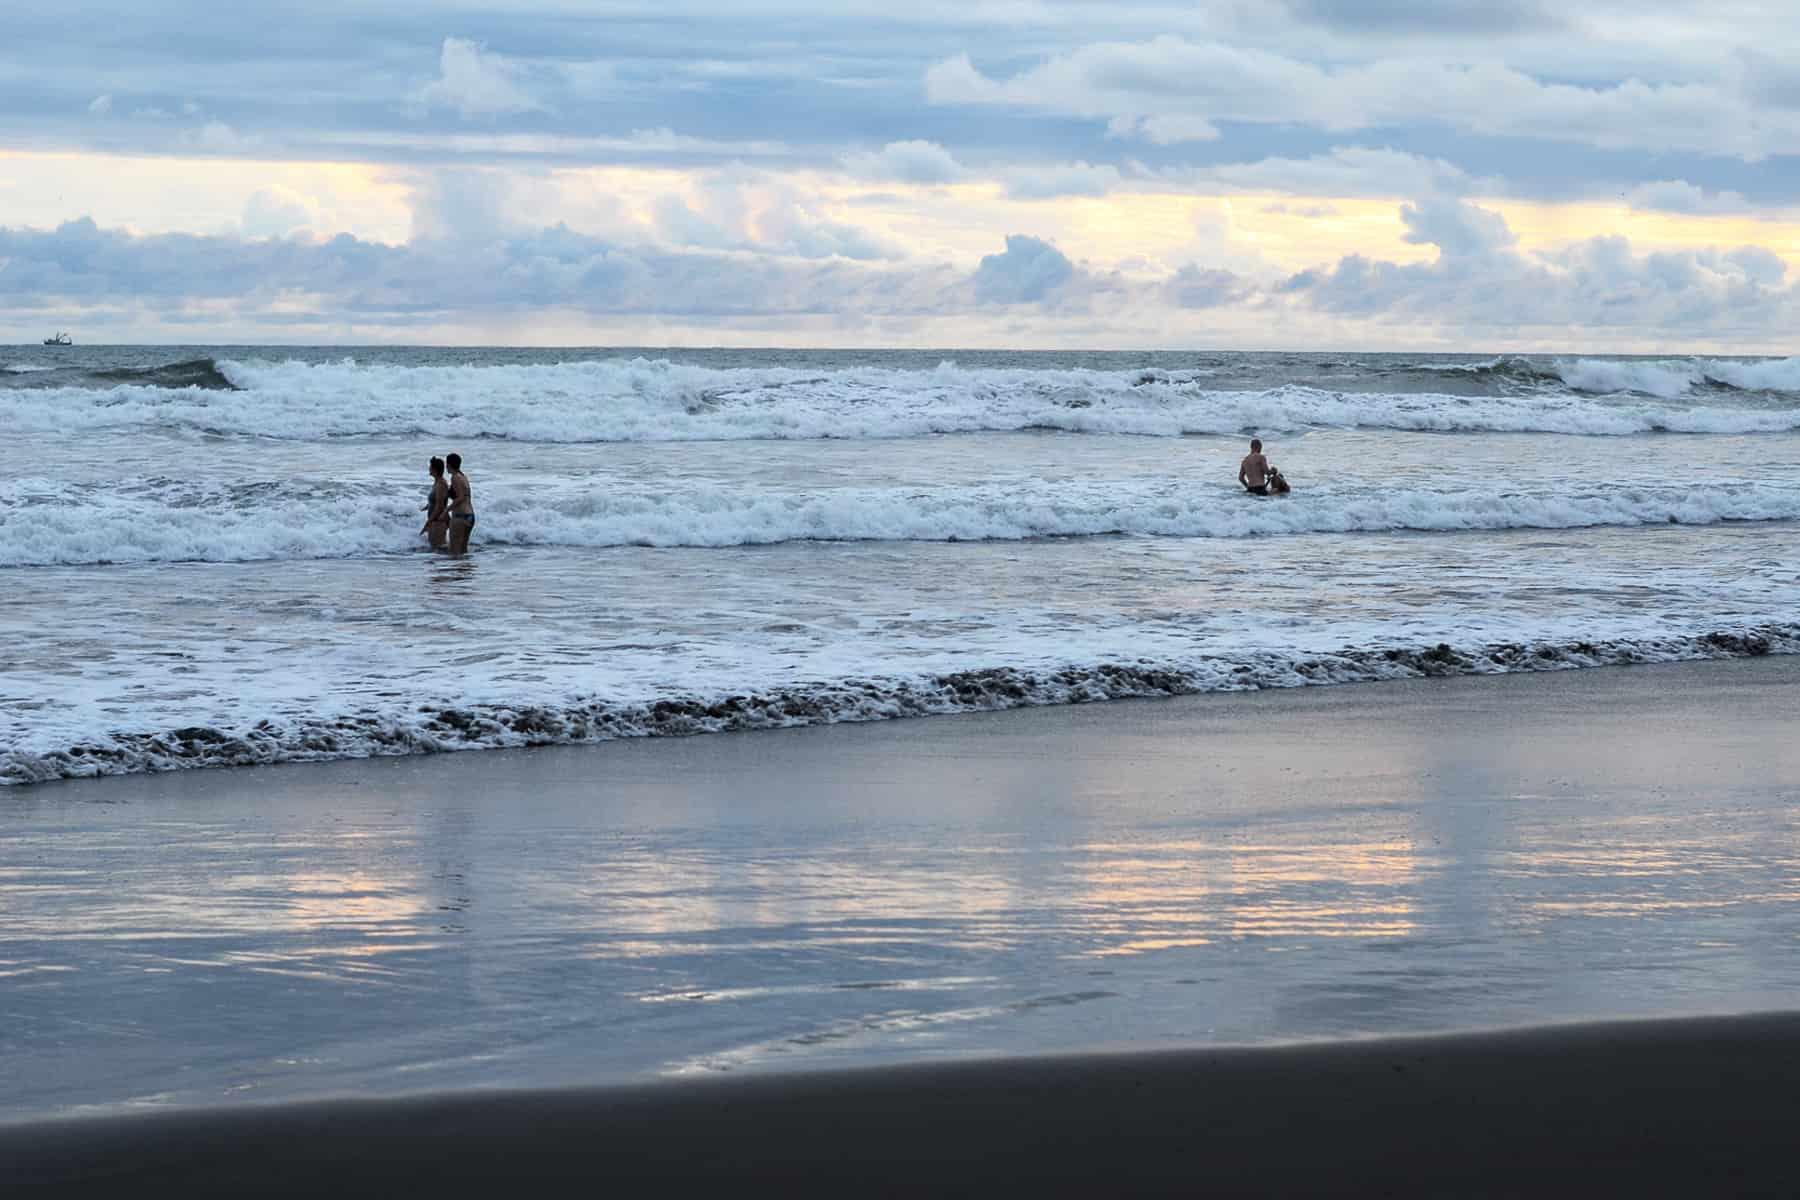 Beachgoers